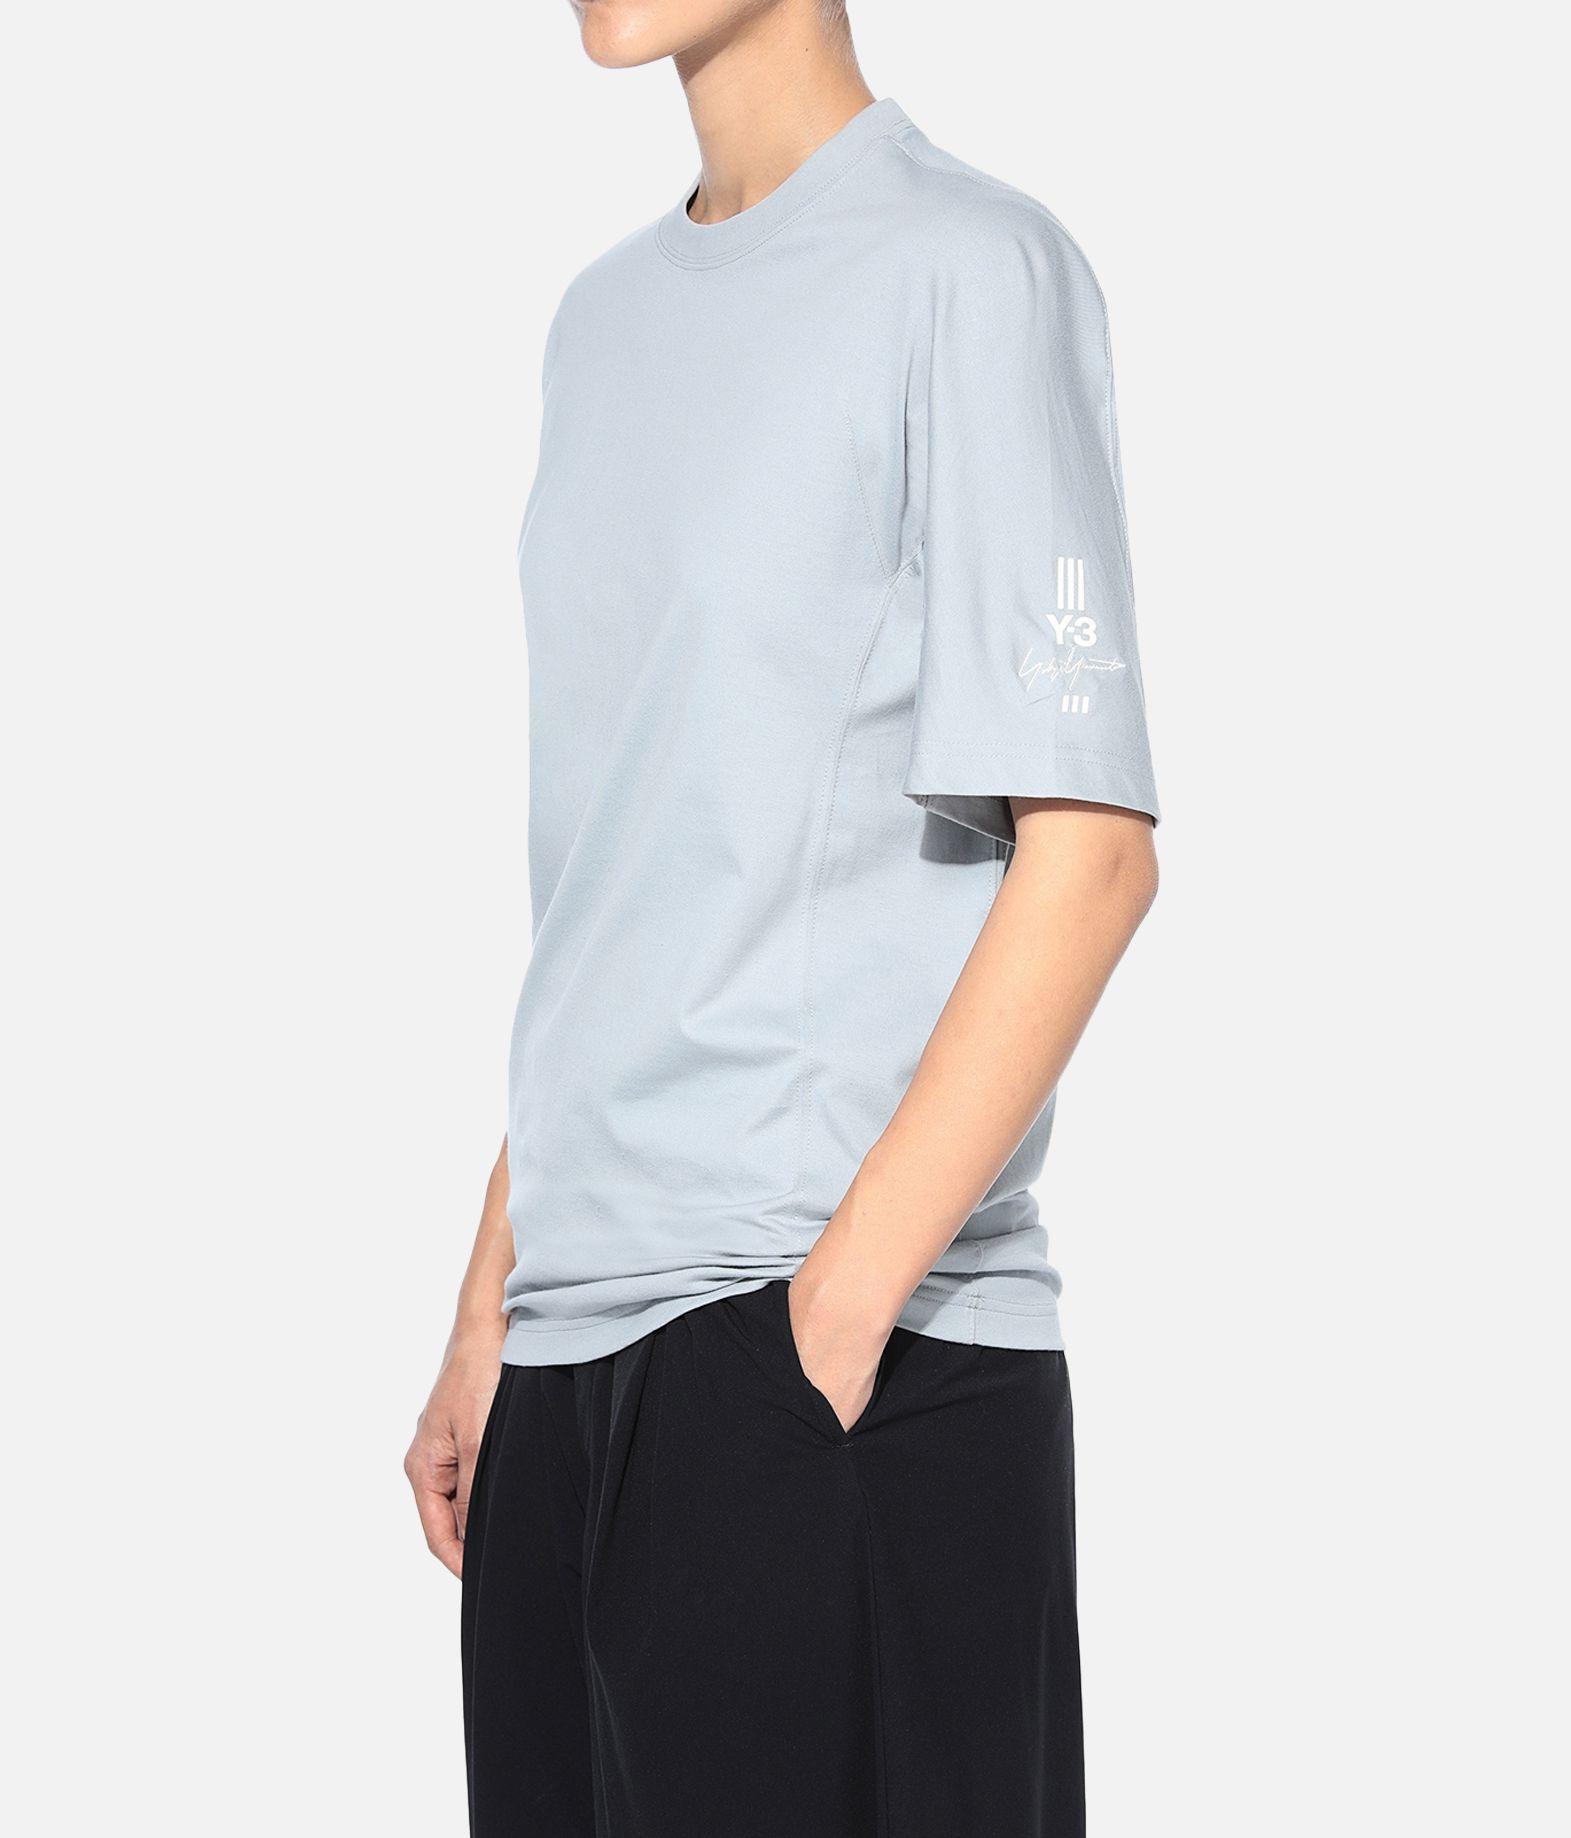 Y-3 Y-3 Classic Tee T-shirt maniche corte Donna e